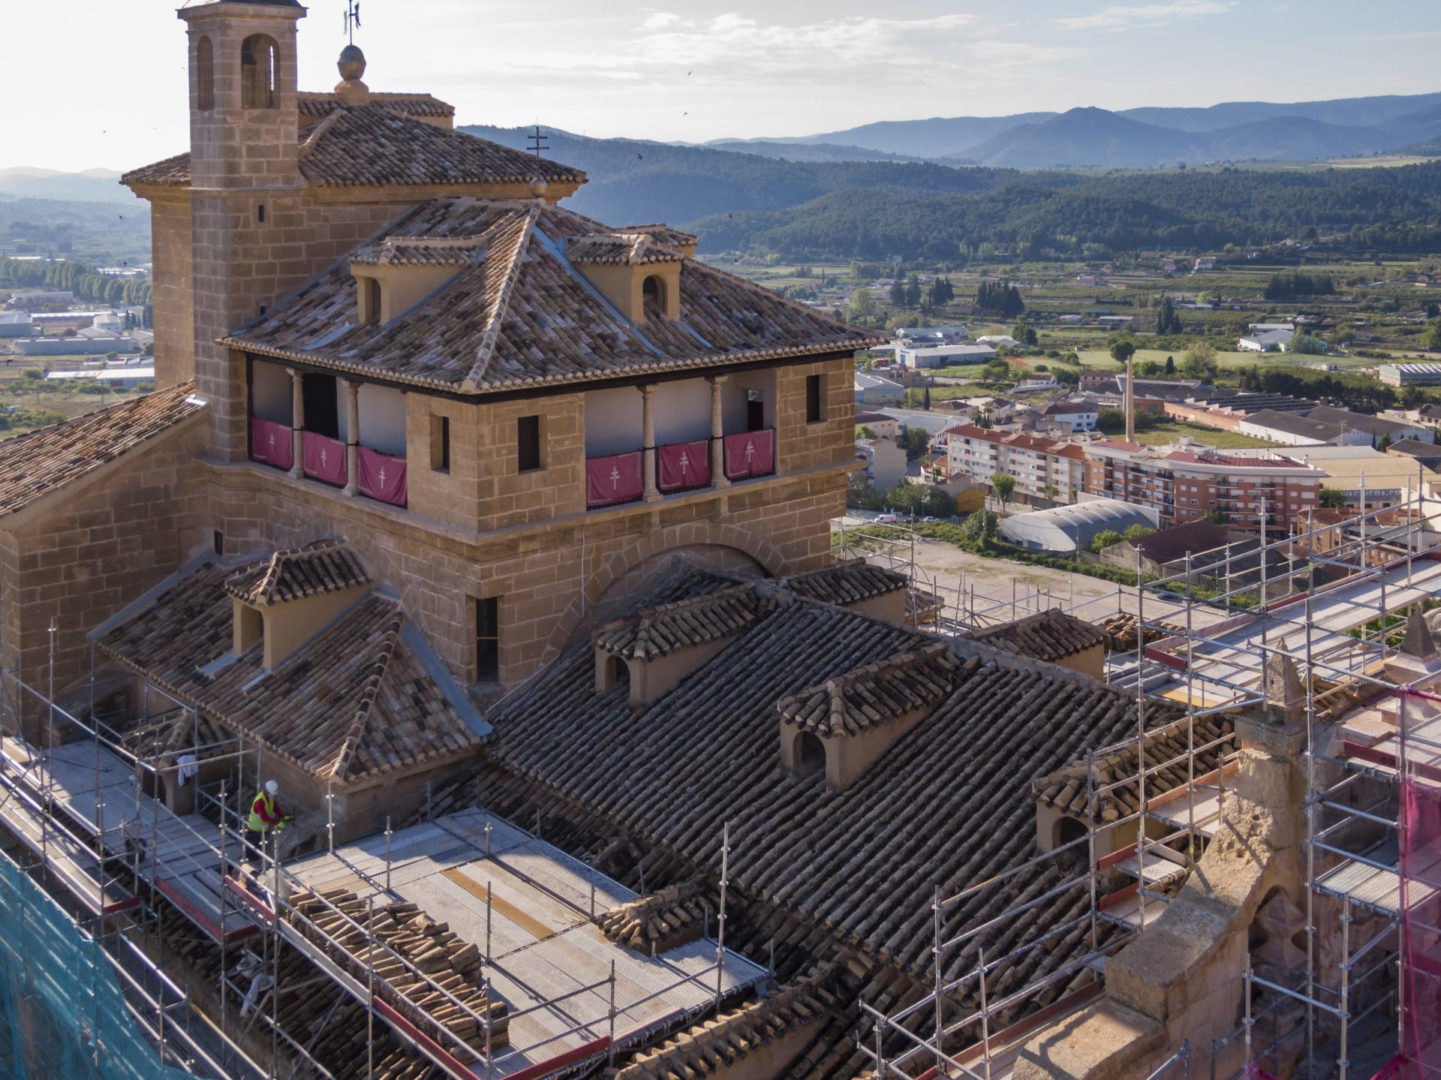 Santuario de la Vera Cruz - Caravaca DJI_0595 Urdecon